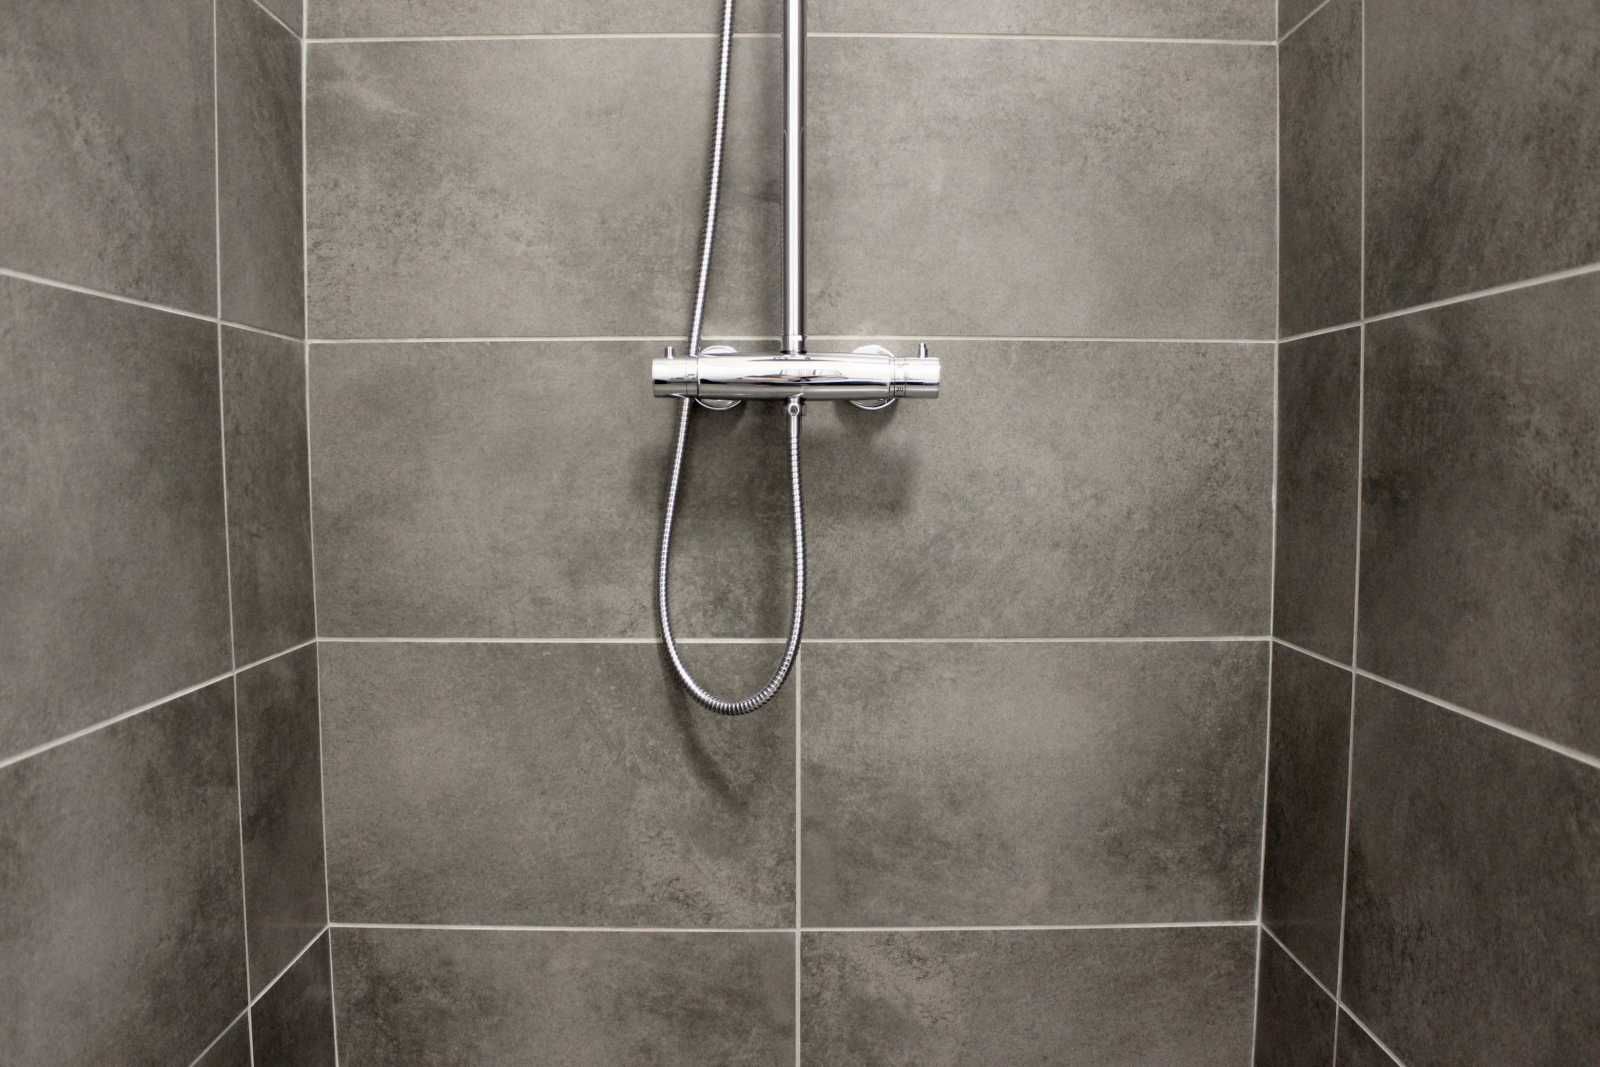 Få hjælp og rådgivning af os når du skal vælge den rigtige fliseløsning. Overflade, farver og kvalitet betyder utrolig meget for hvordan du oplever det færdige badeværelse. Rengøring og vedligehold er også vigtigt at tage stilling til.